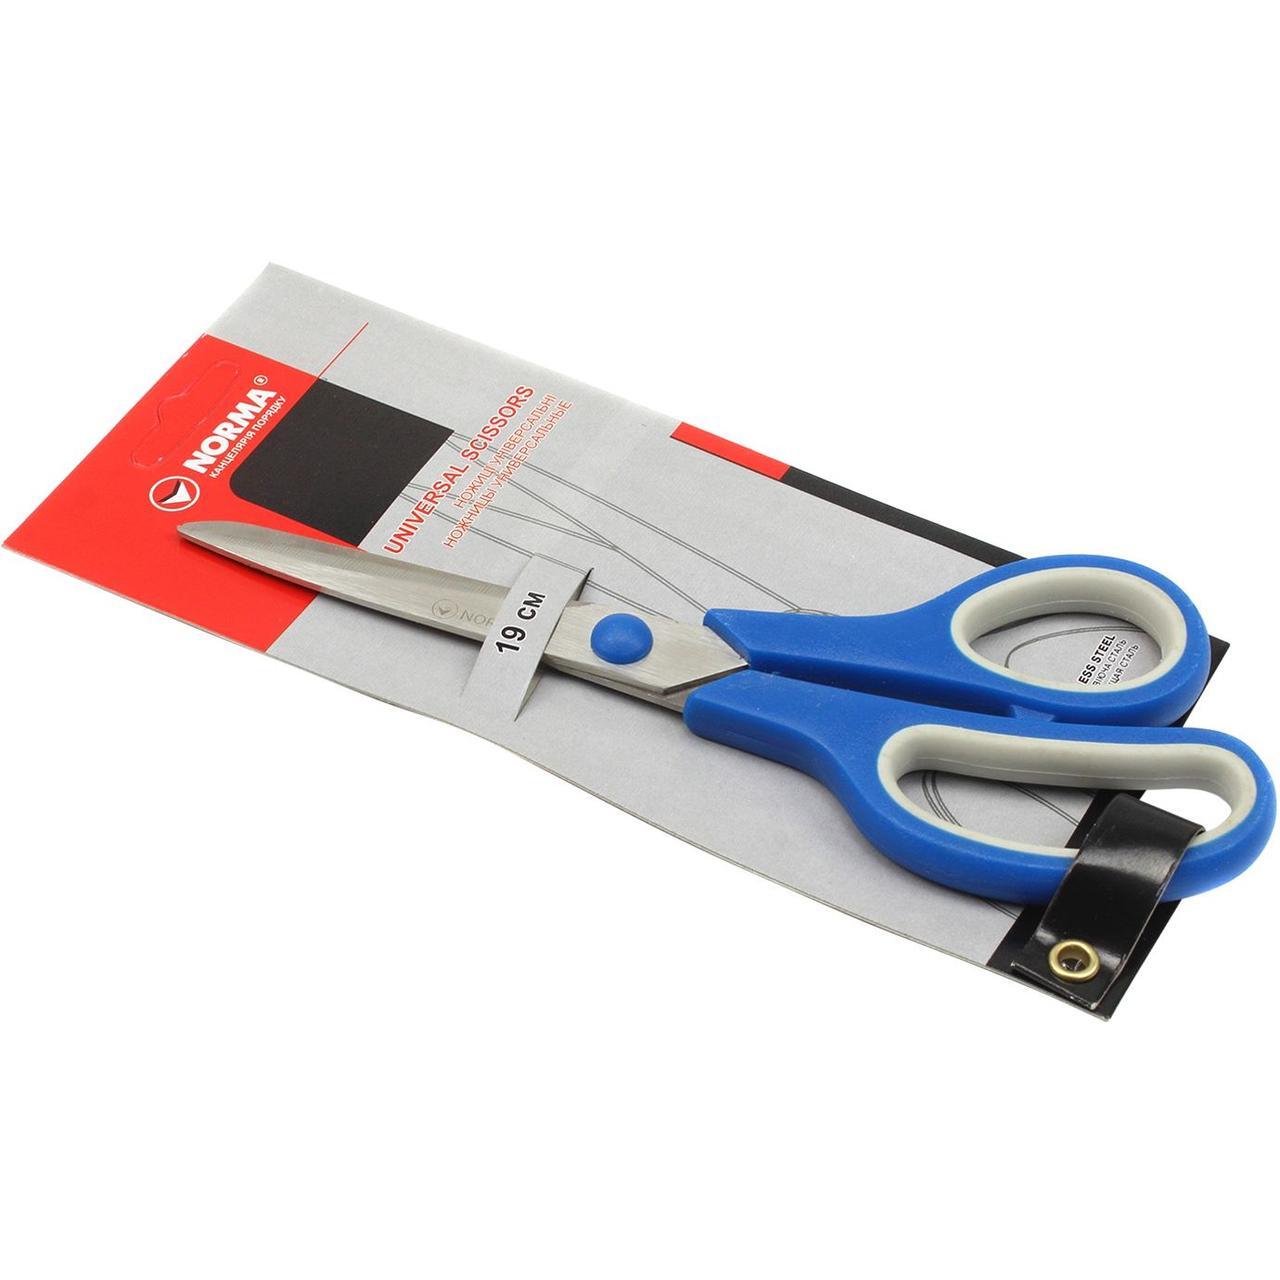 Ножиці канцелярські, довжина 19 см, прогумовані ручки, 4220, NORMA (1/12)